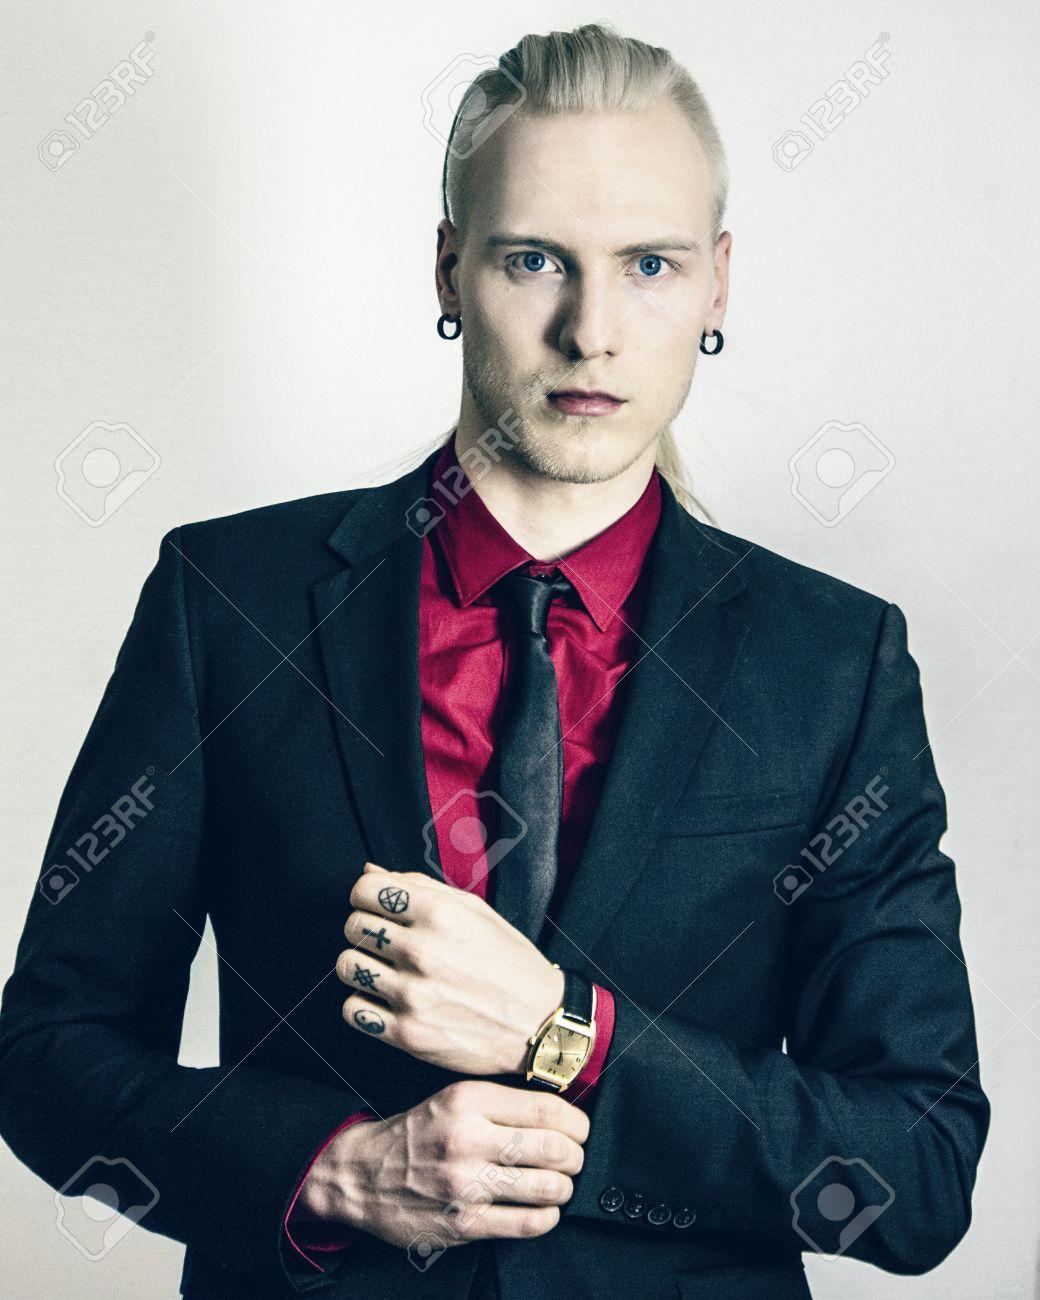 Cámara Hombre Elegante Con Camisa A Que Tatuajes MangaEl Negro Abotonarse Reloj Y Roja Oro Traje Mira Nudillos Un La Joven De fyb7vI6Yg